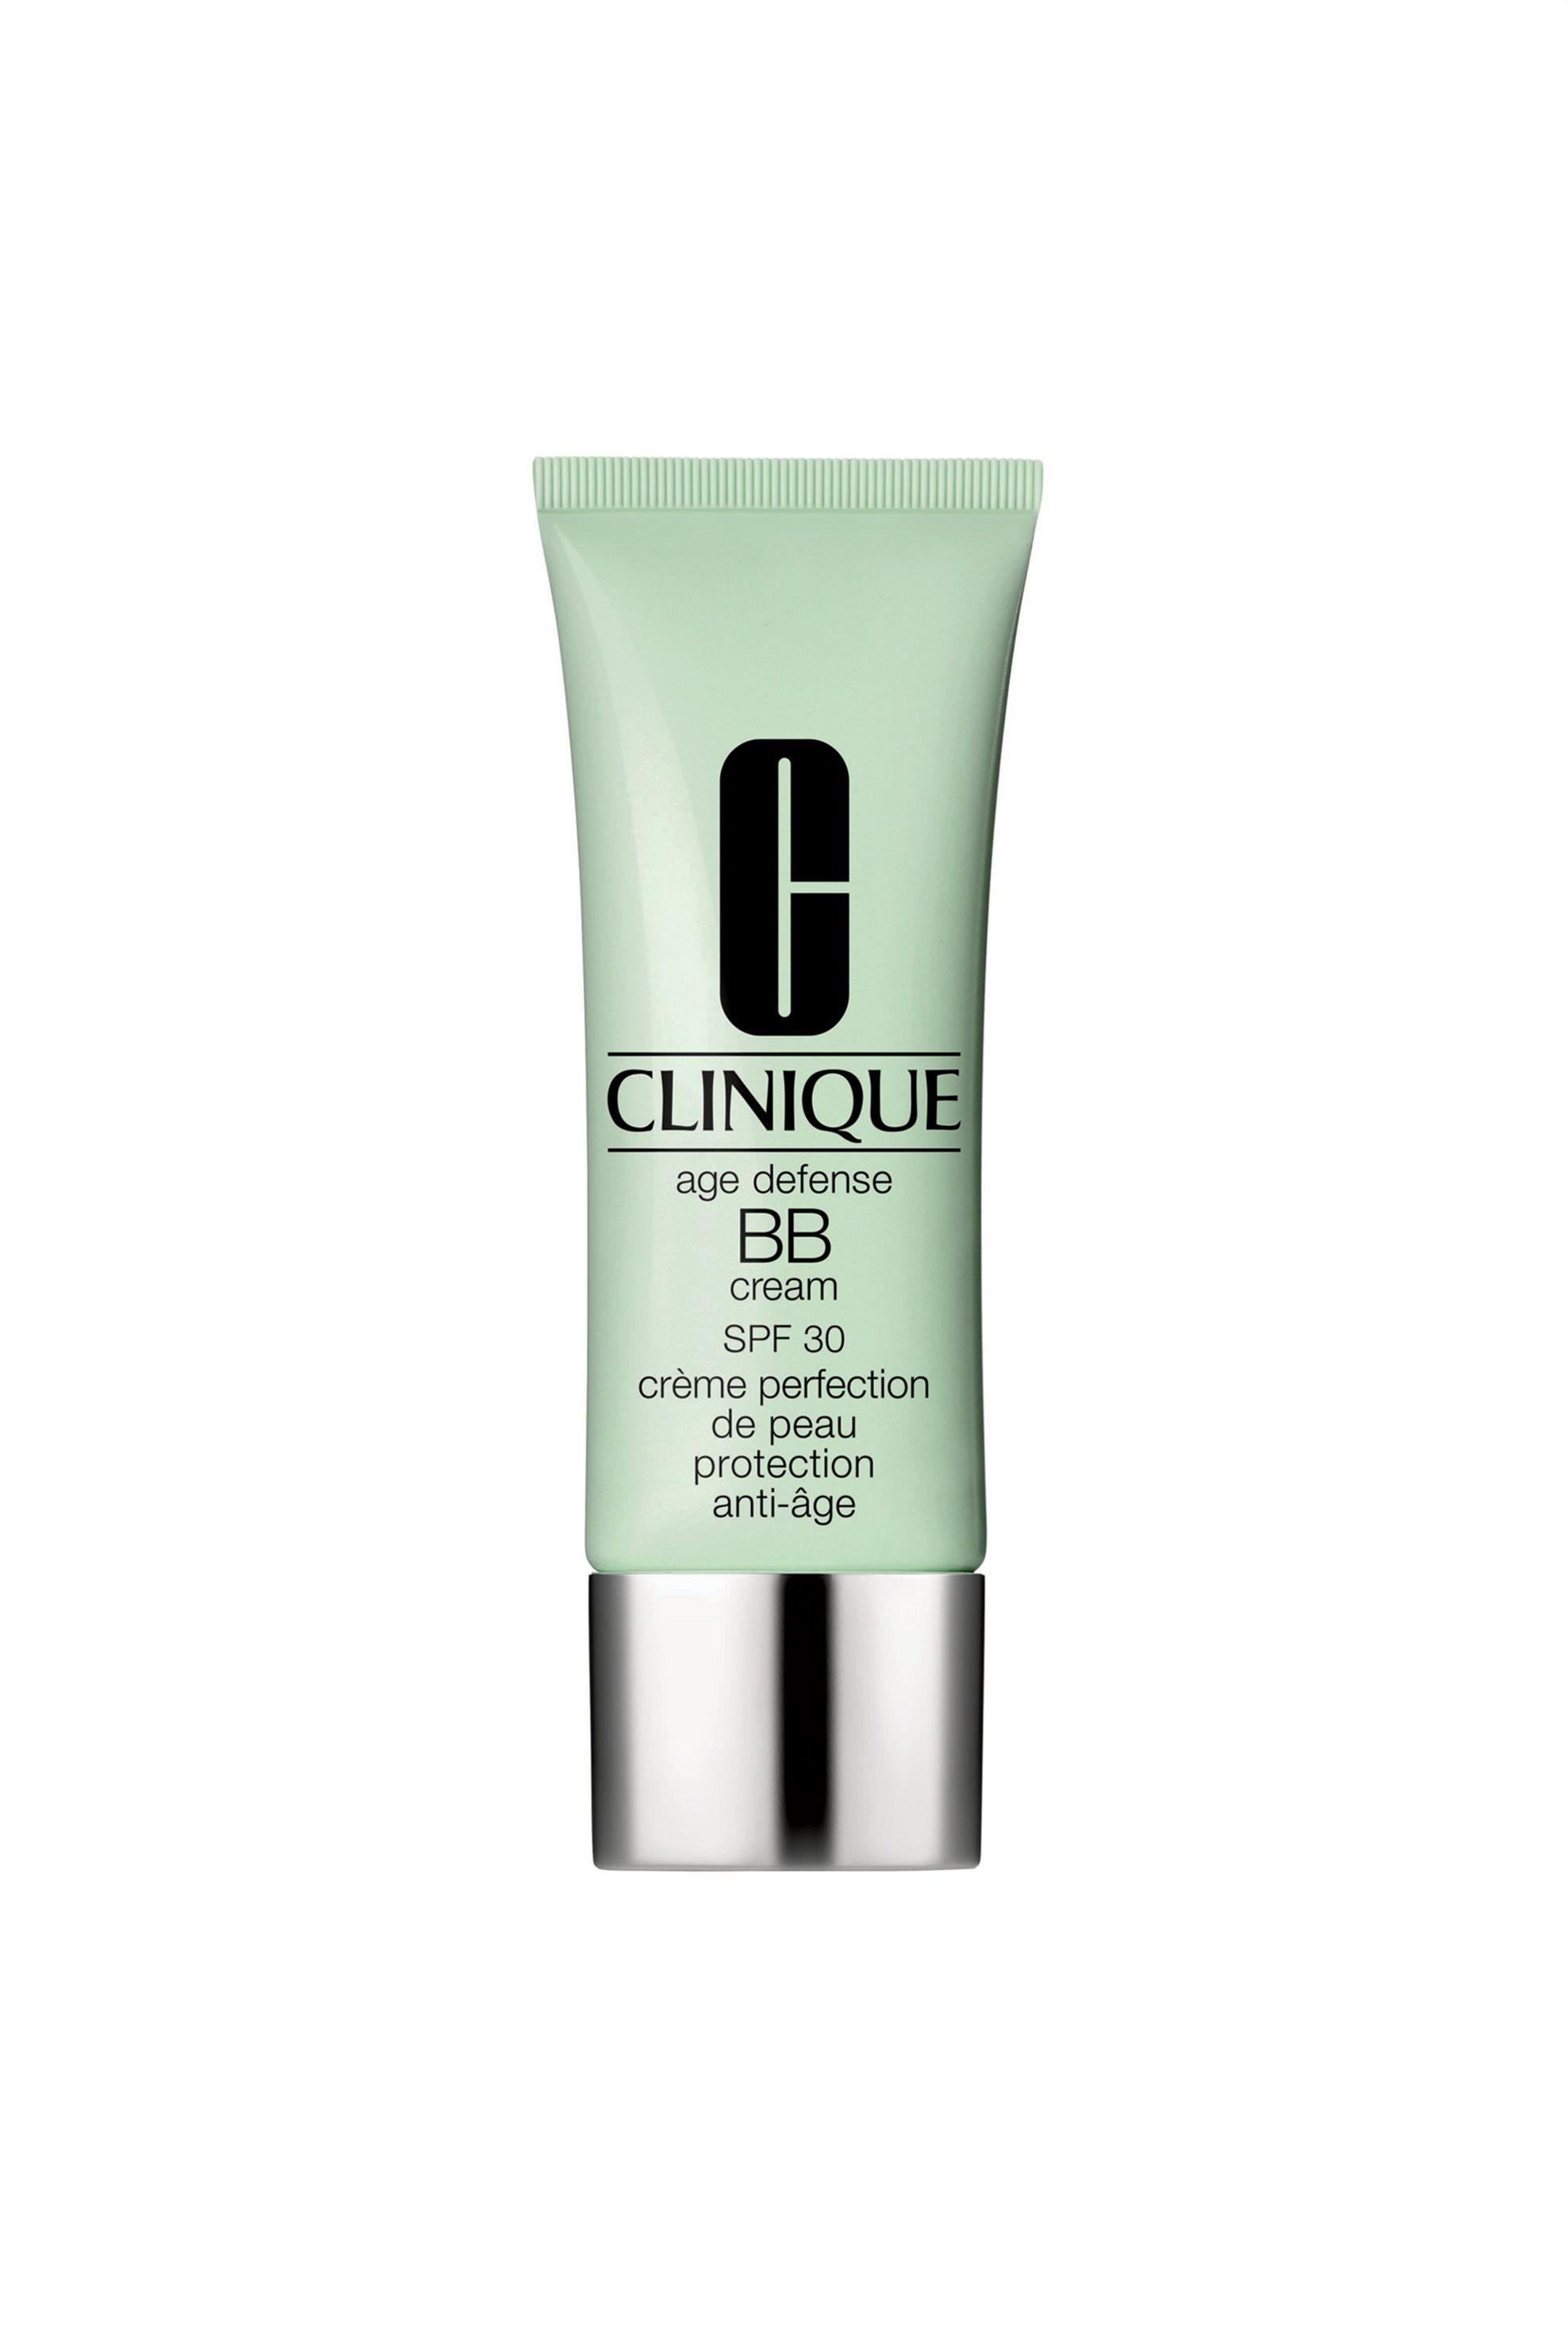 Clinique Age Defense BB Cream SPF 30 Shade 3 Medium 40 ml - 7KYL030000 ομορφια   καλλυντικα επιλεκτικησ   περιποίηση προσώπου   κρέμες ημέρας   bb crea